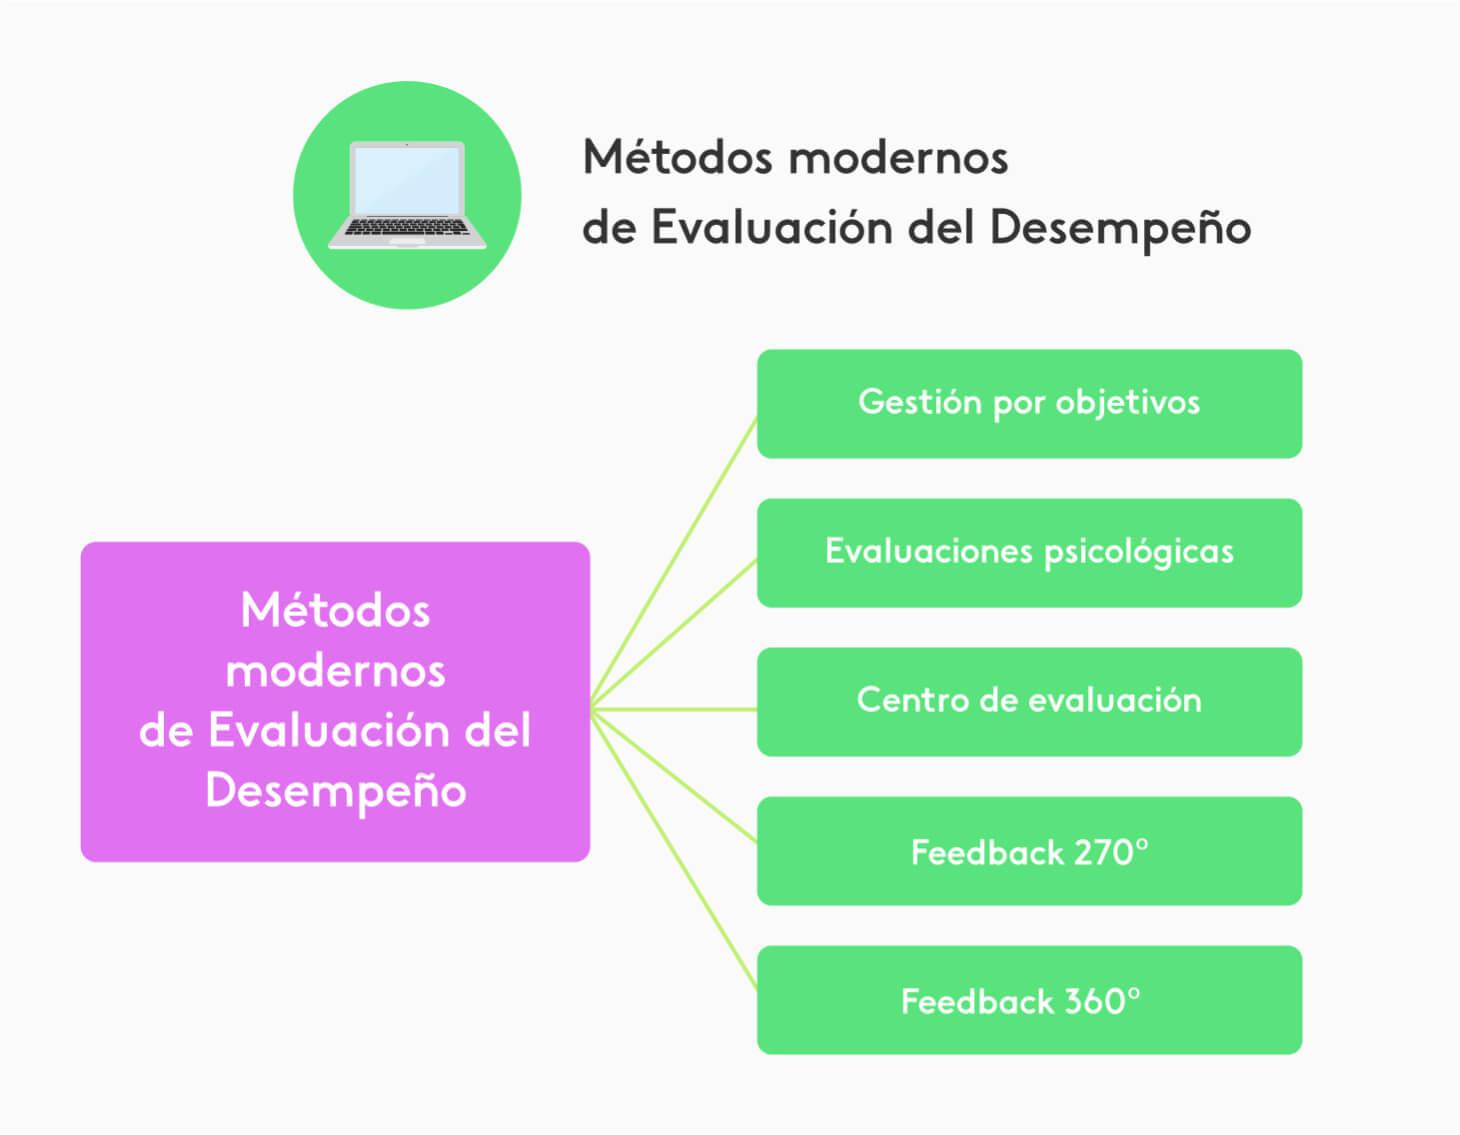 Diagrama con los nuevos métodos modernos de evaluación de desempeño